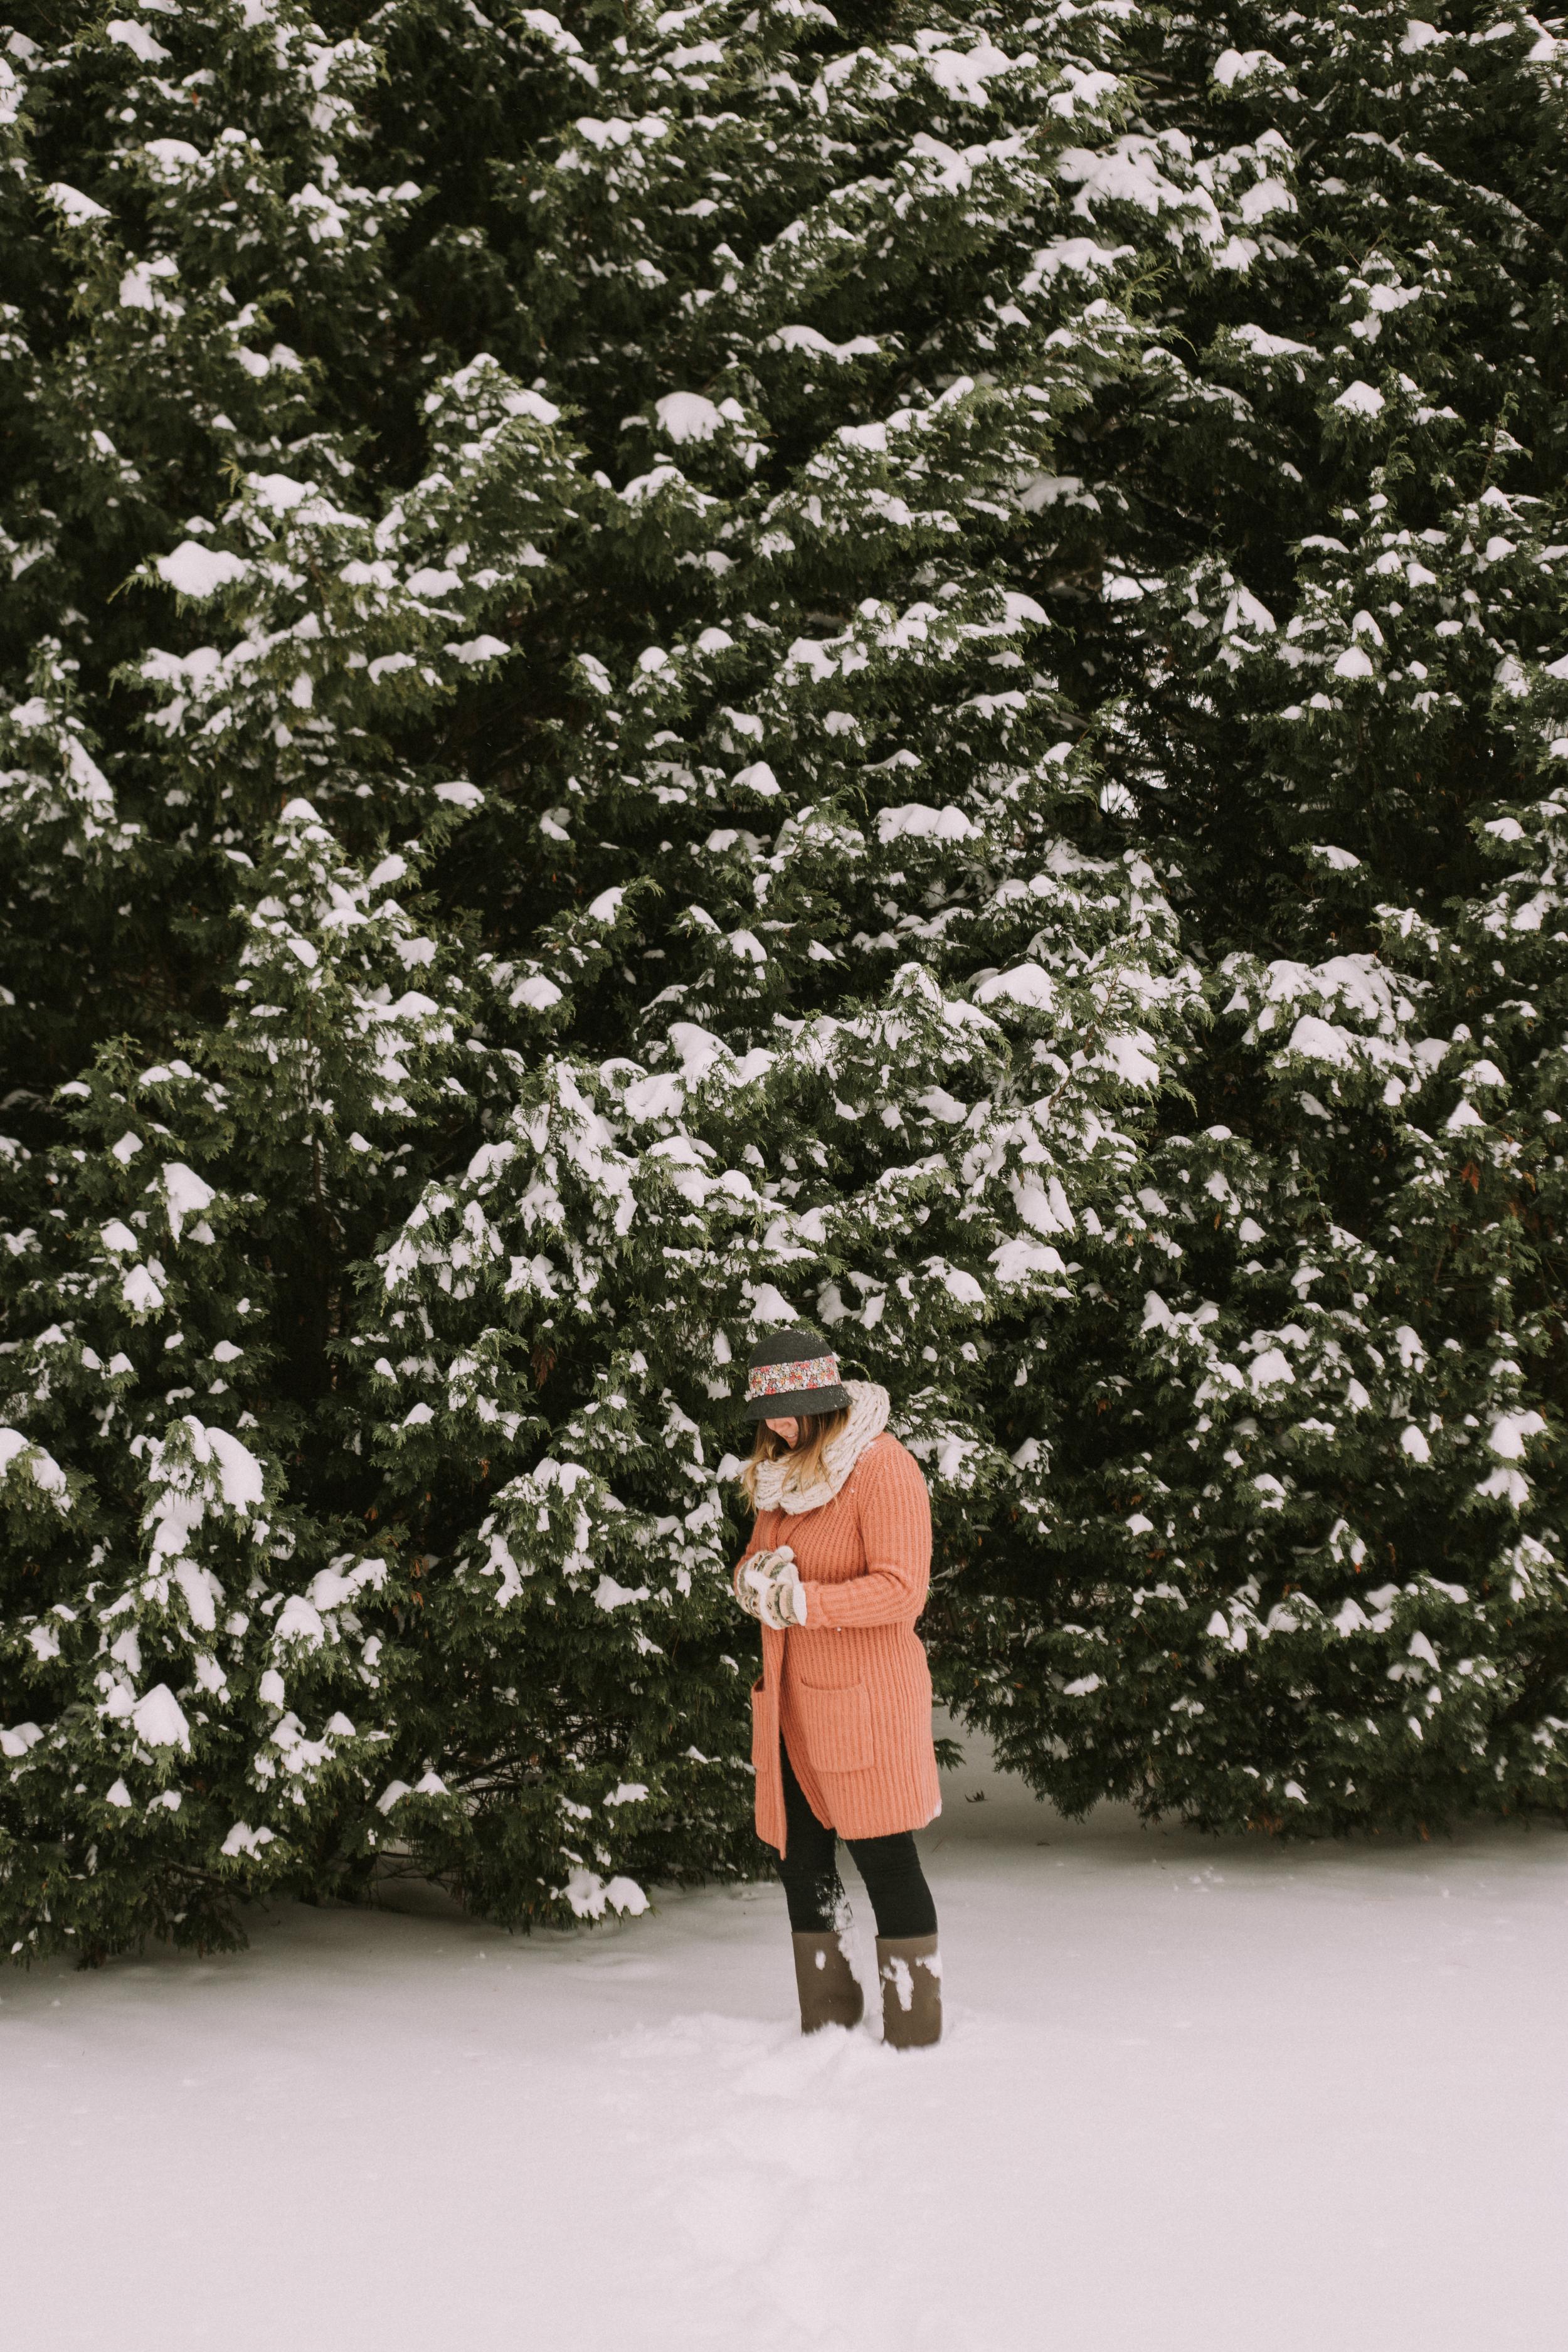 2015 january snow weekend 045-2.JPG